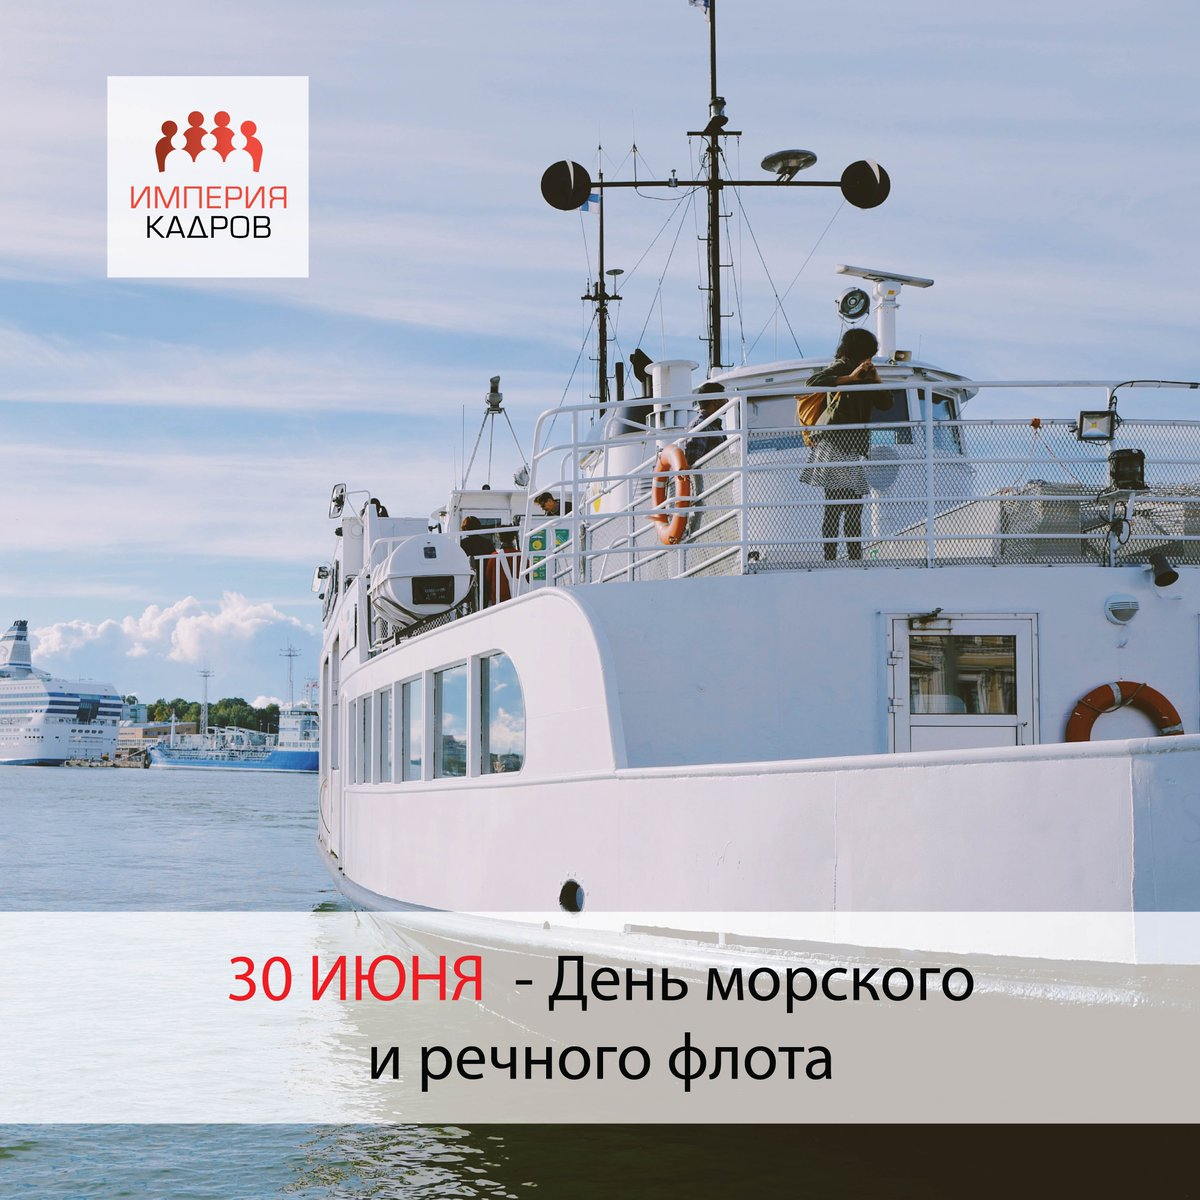 Поздравления работникам флота